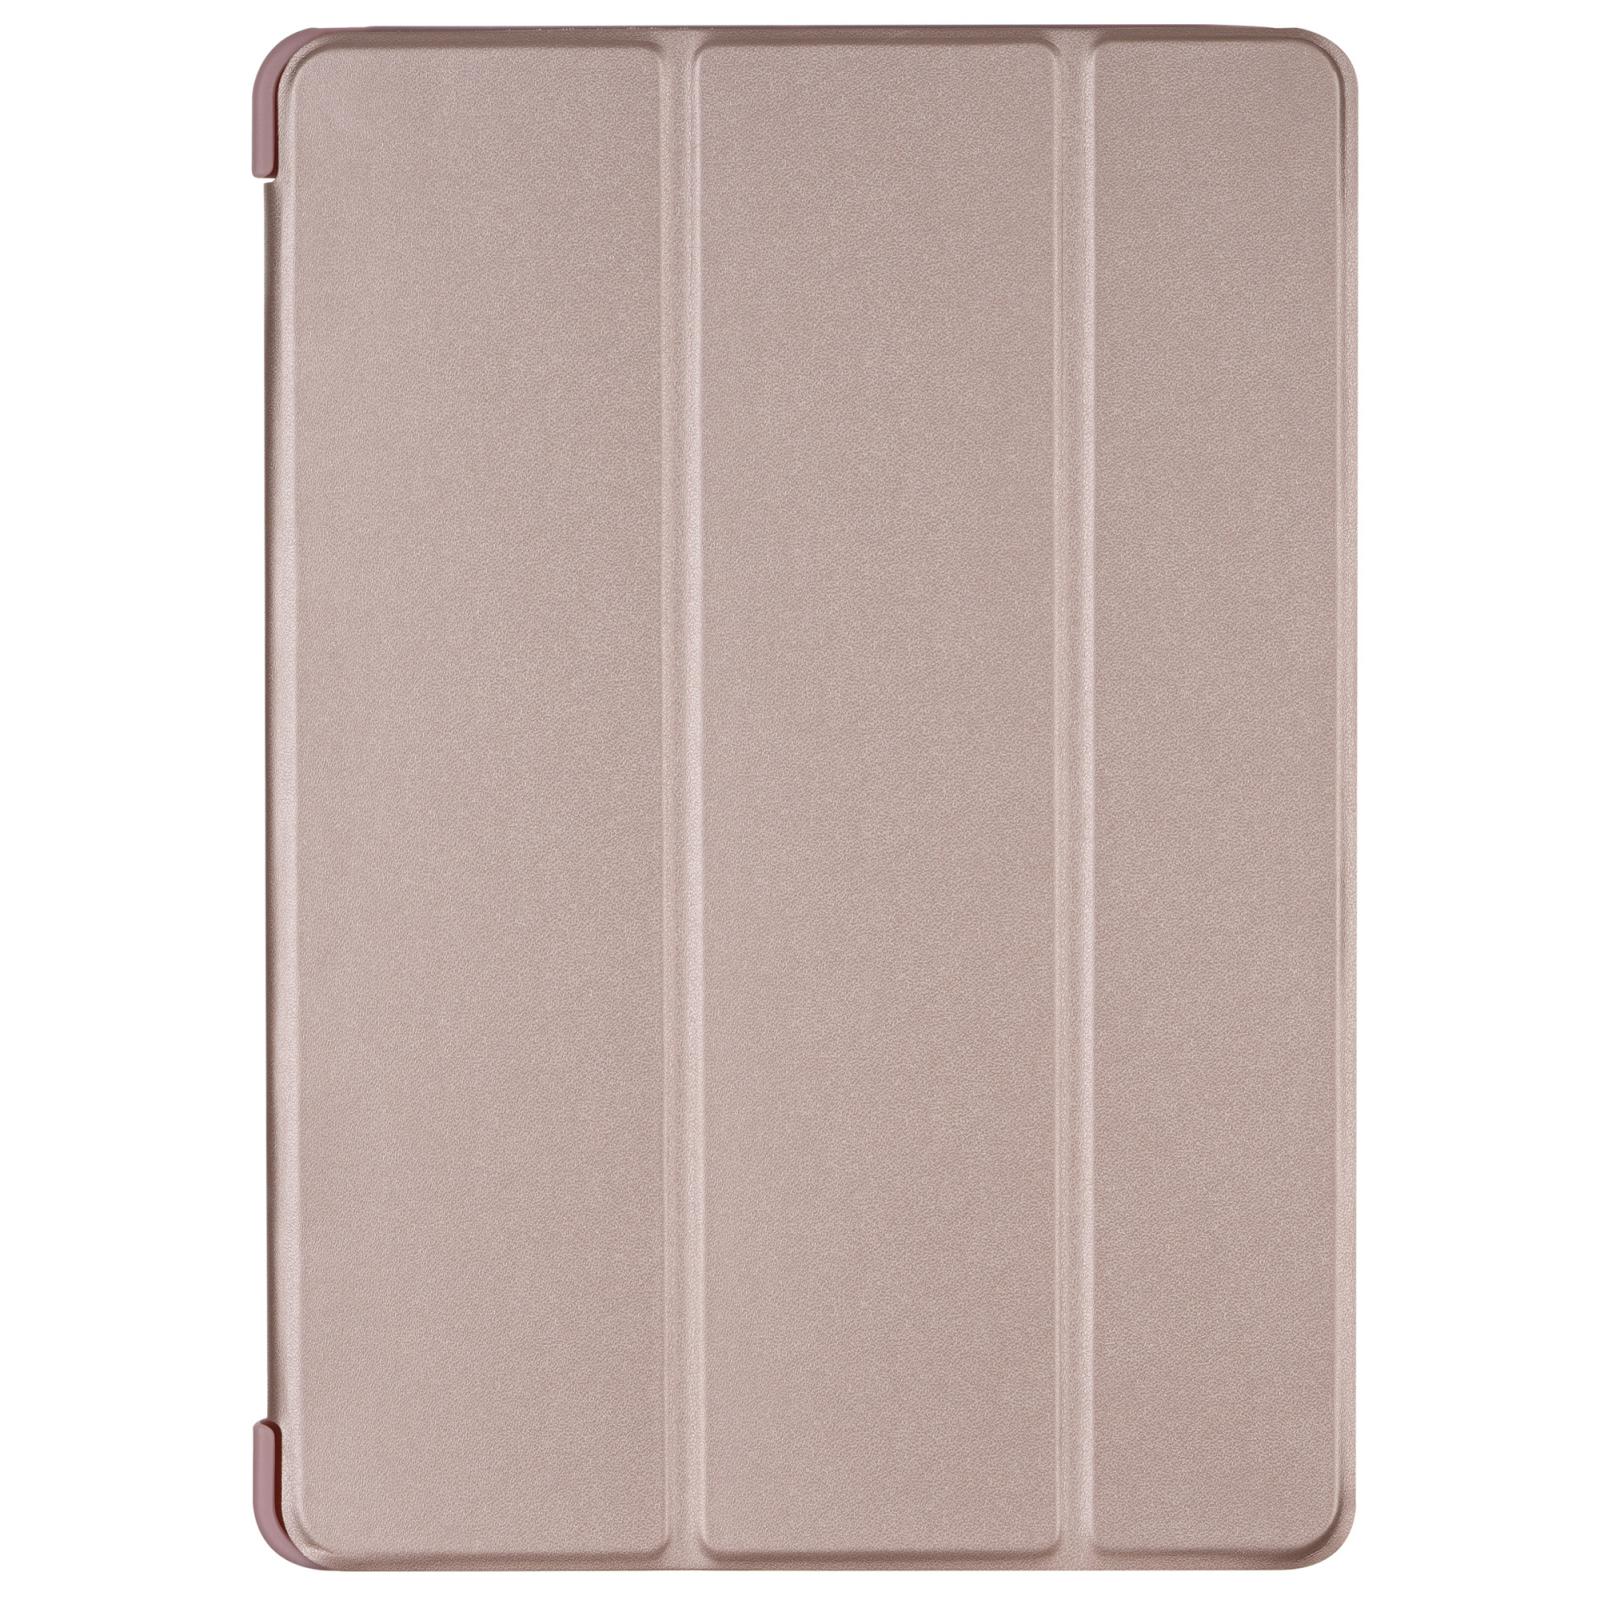 Чохол до планшета 2E Basic Apple iPad 10.2` 2019, Flex, Red (2E-IPAD-10.2-19-IKFX-RD)